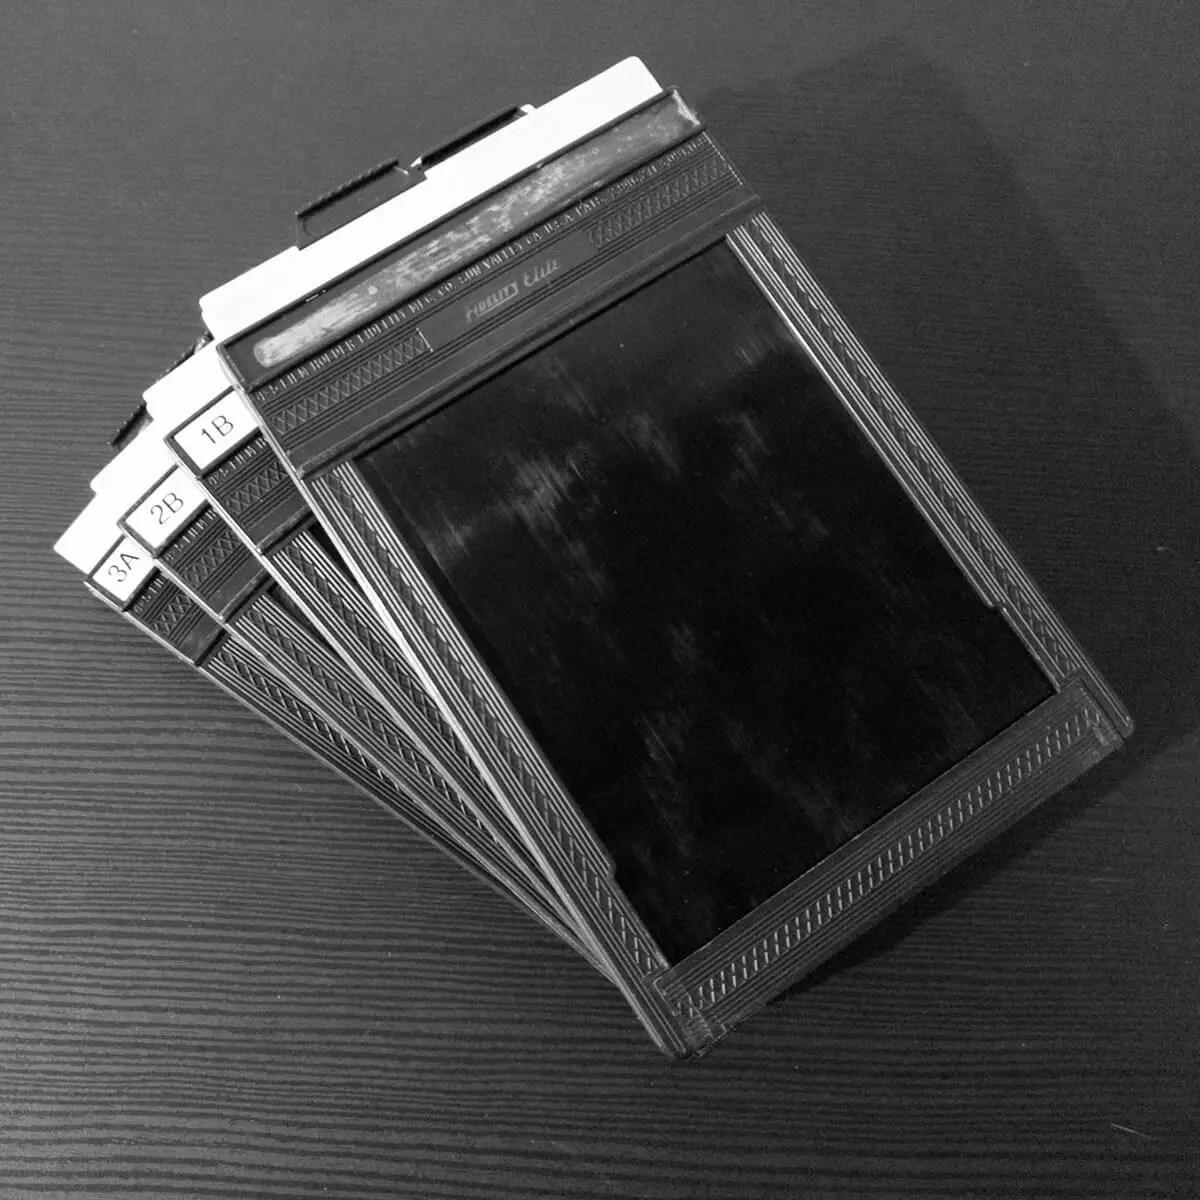 4x5 film holders